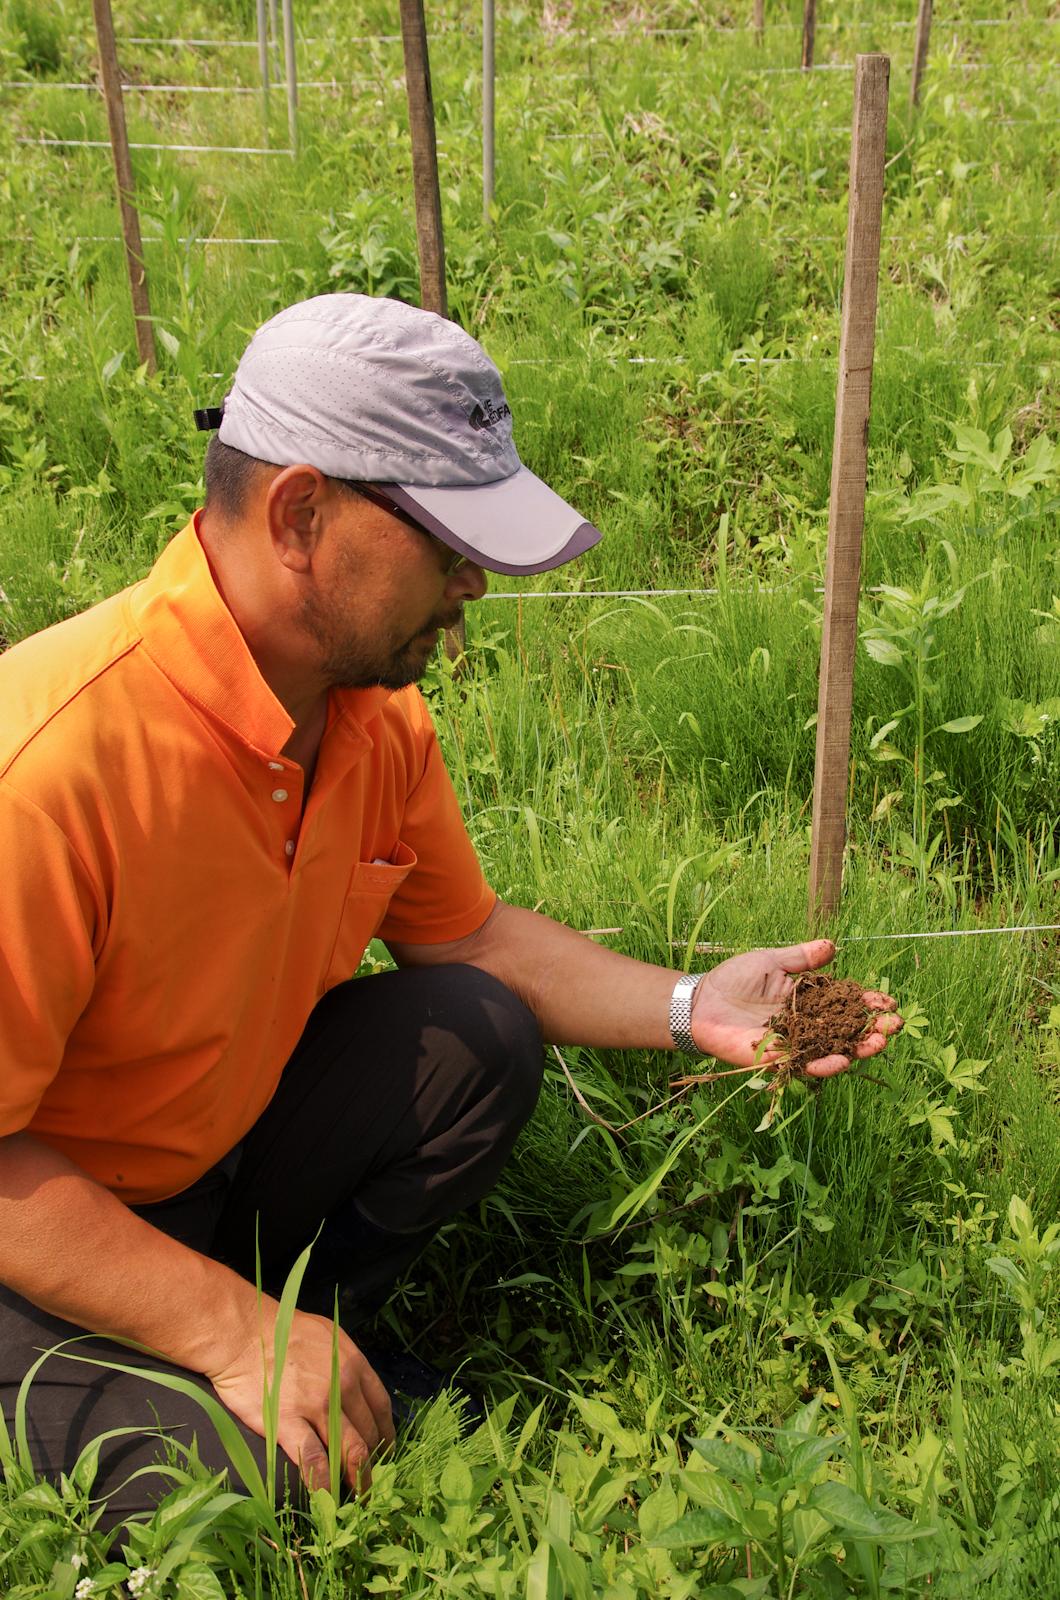 수년째 자연농을 이어가고 있는 밭의 흙을 보여주고 있는 홍려석님